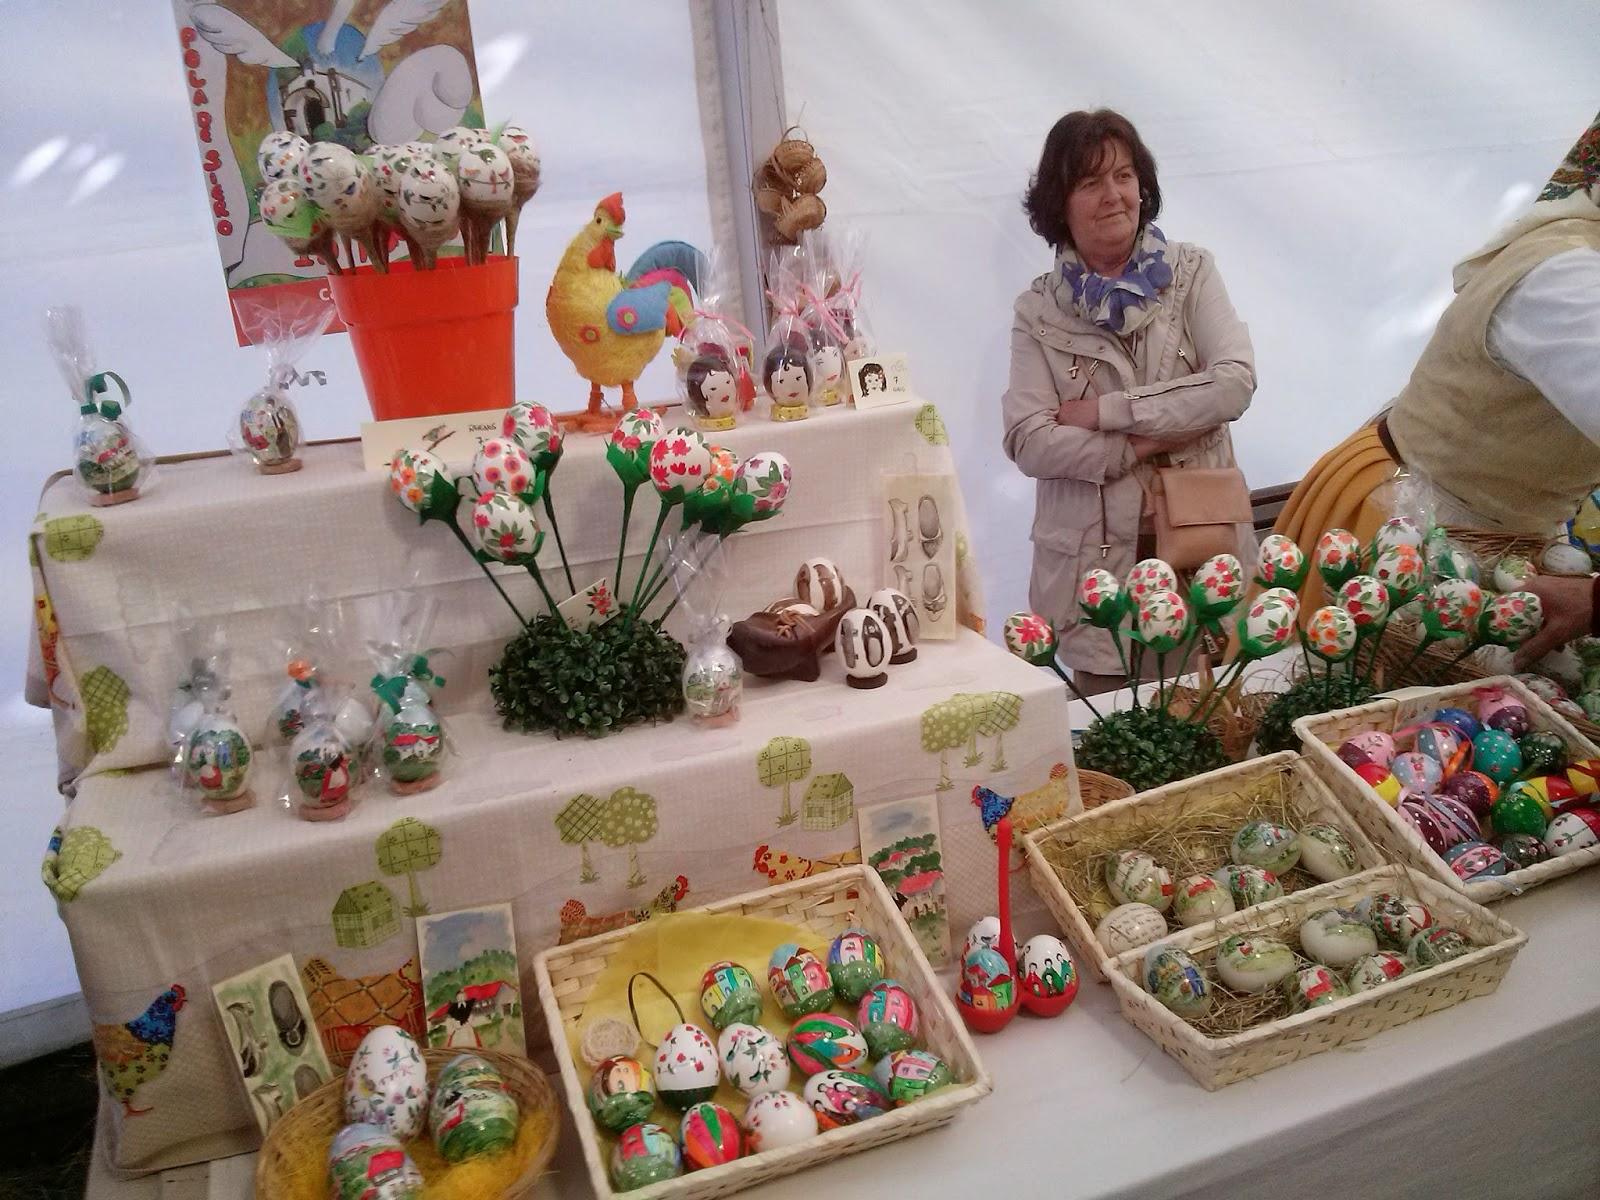 güevos pintos pola siero asturias fiesta